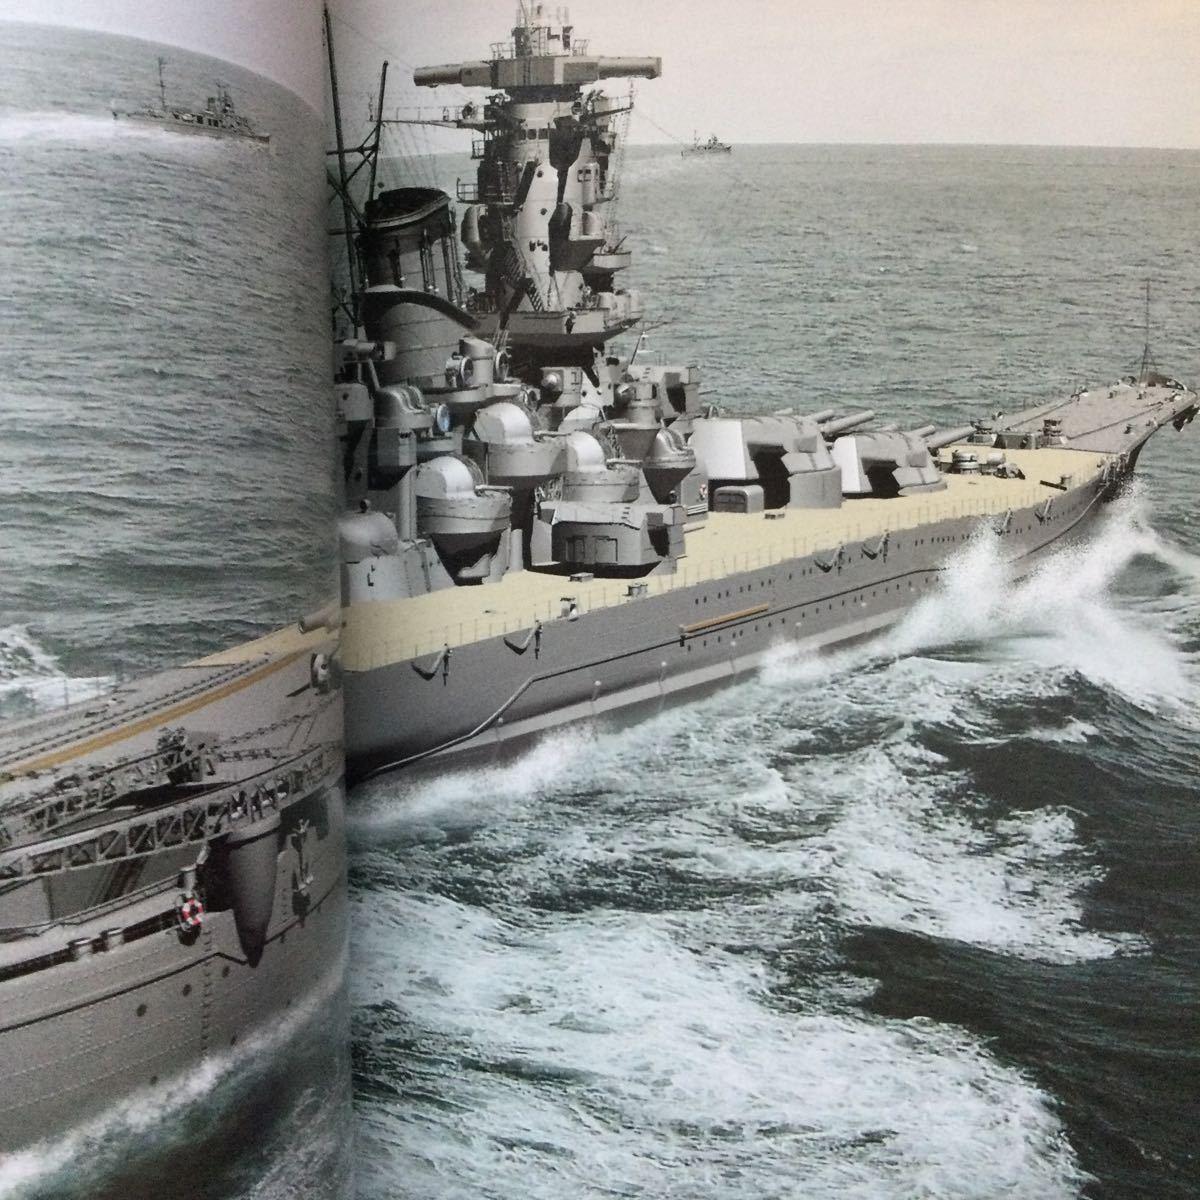 学研 歴史群像太平洋戦史シリーズvol.50 戦艦「大和」中古美品 太平洋 学研 歴史群像 世界の傑作機 モデルアート 世界の艦船 _画像10